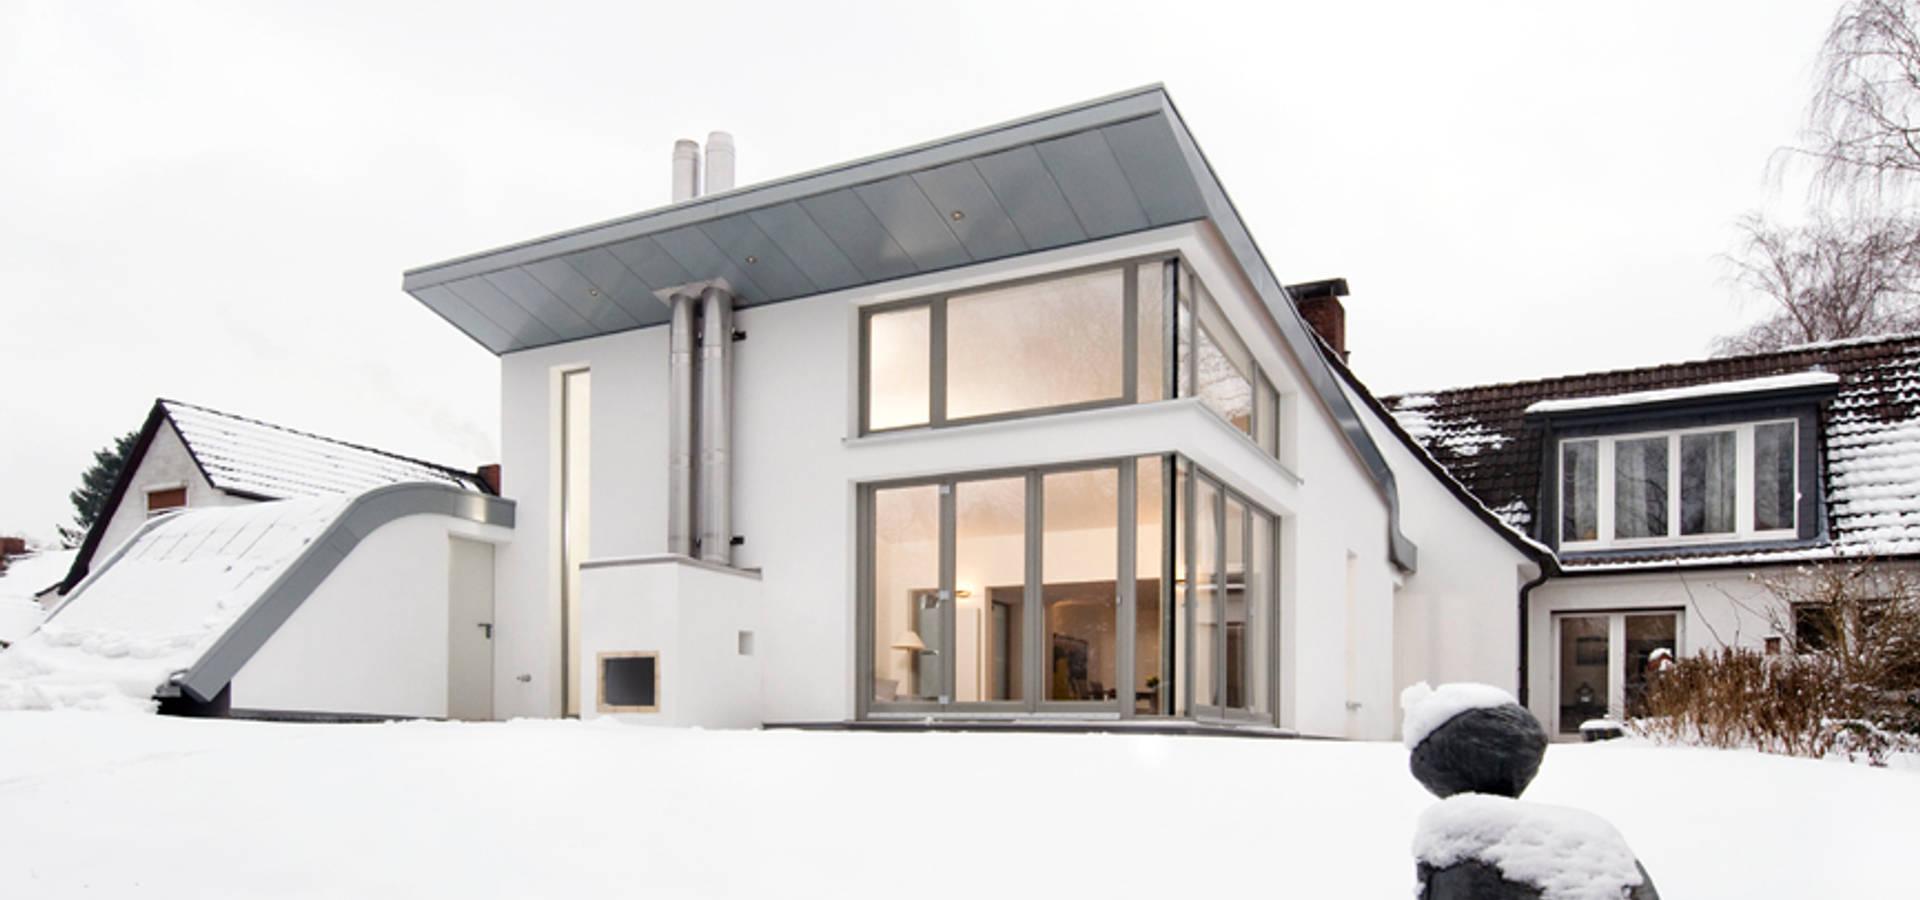 Architekt Hamburg um und anbau hamburg sasel and8 architekten aisslinger